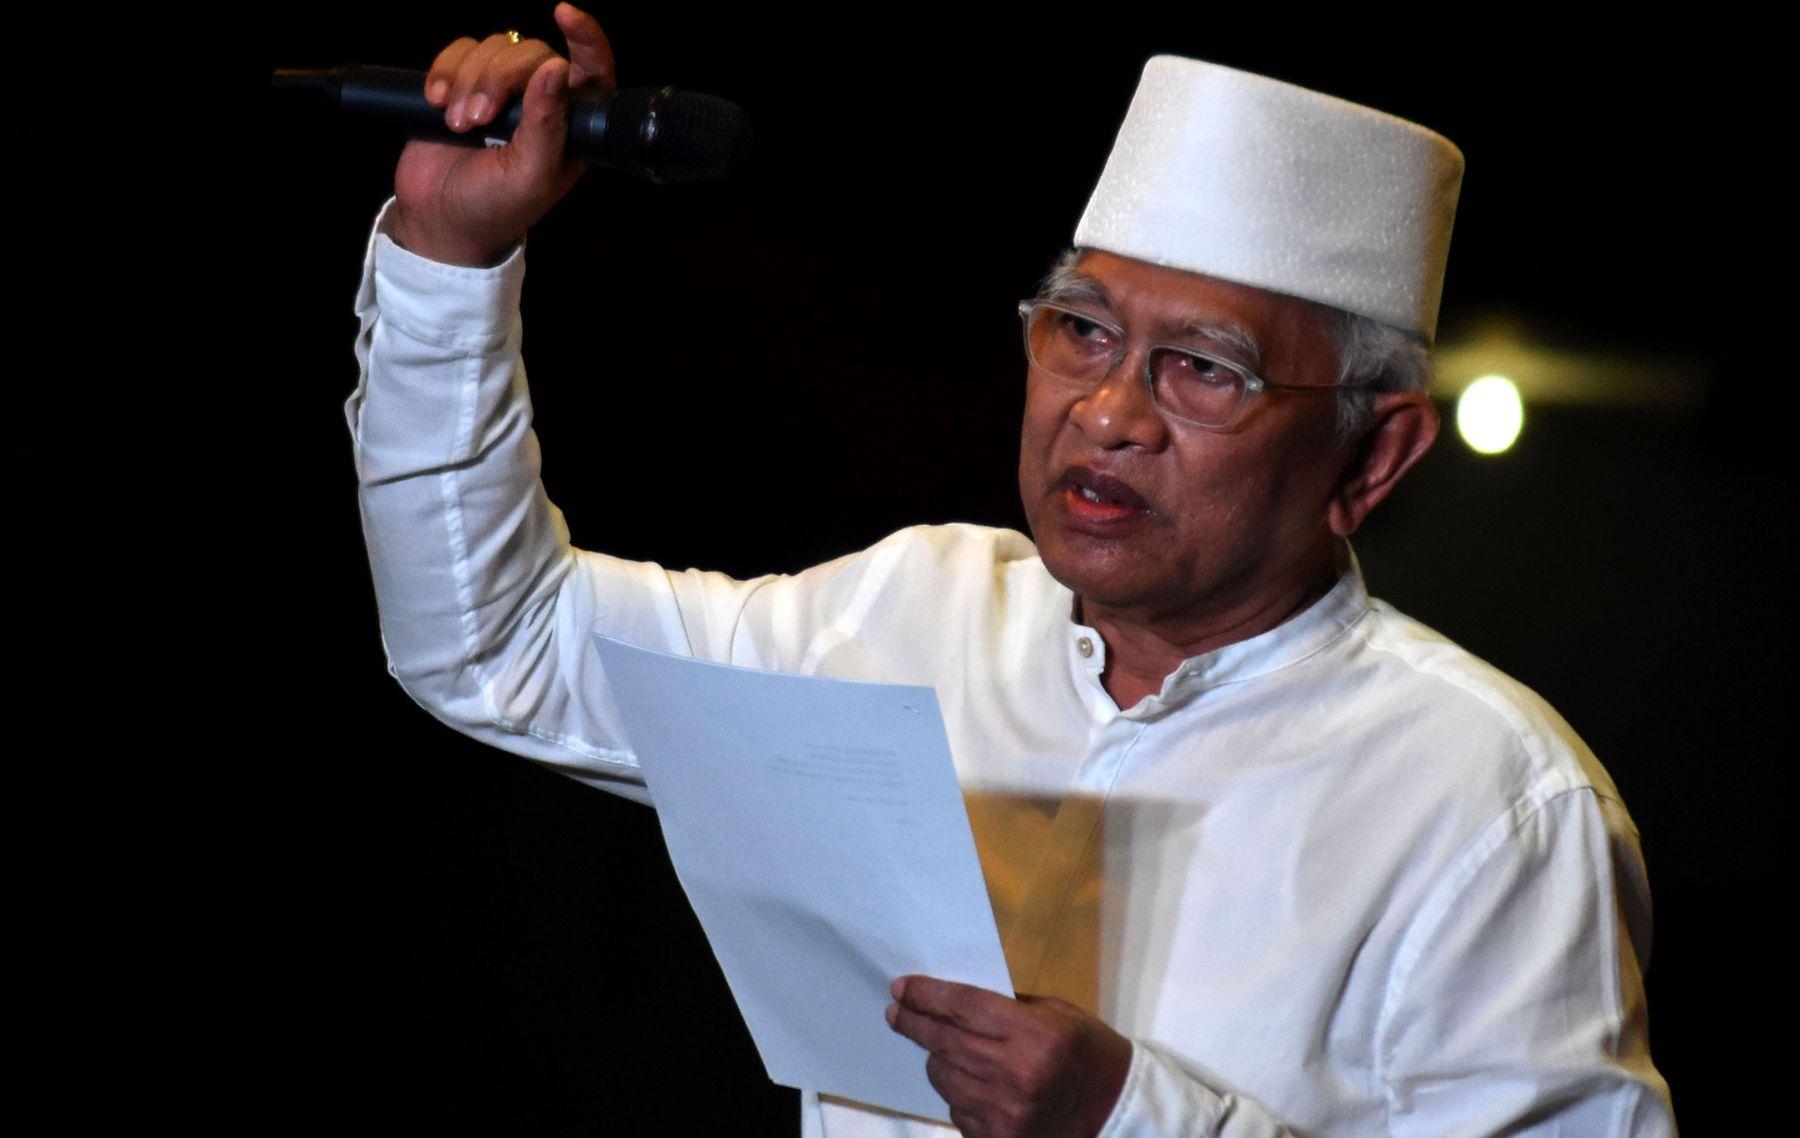 Putri Gus Mus Layangkan Protes ke Pendukung Jokowi: 3 Tahun Ini Kami Dibuat Repot Ulah Kalian!